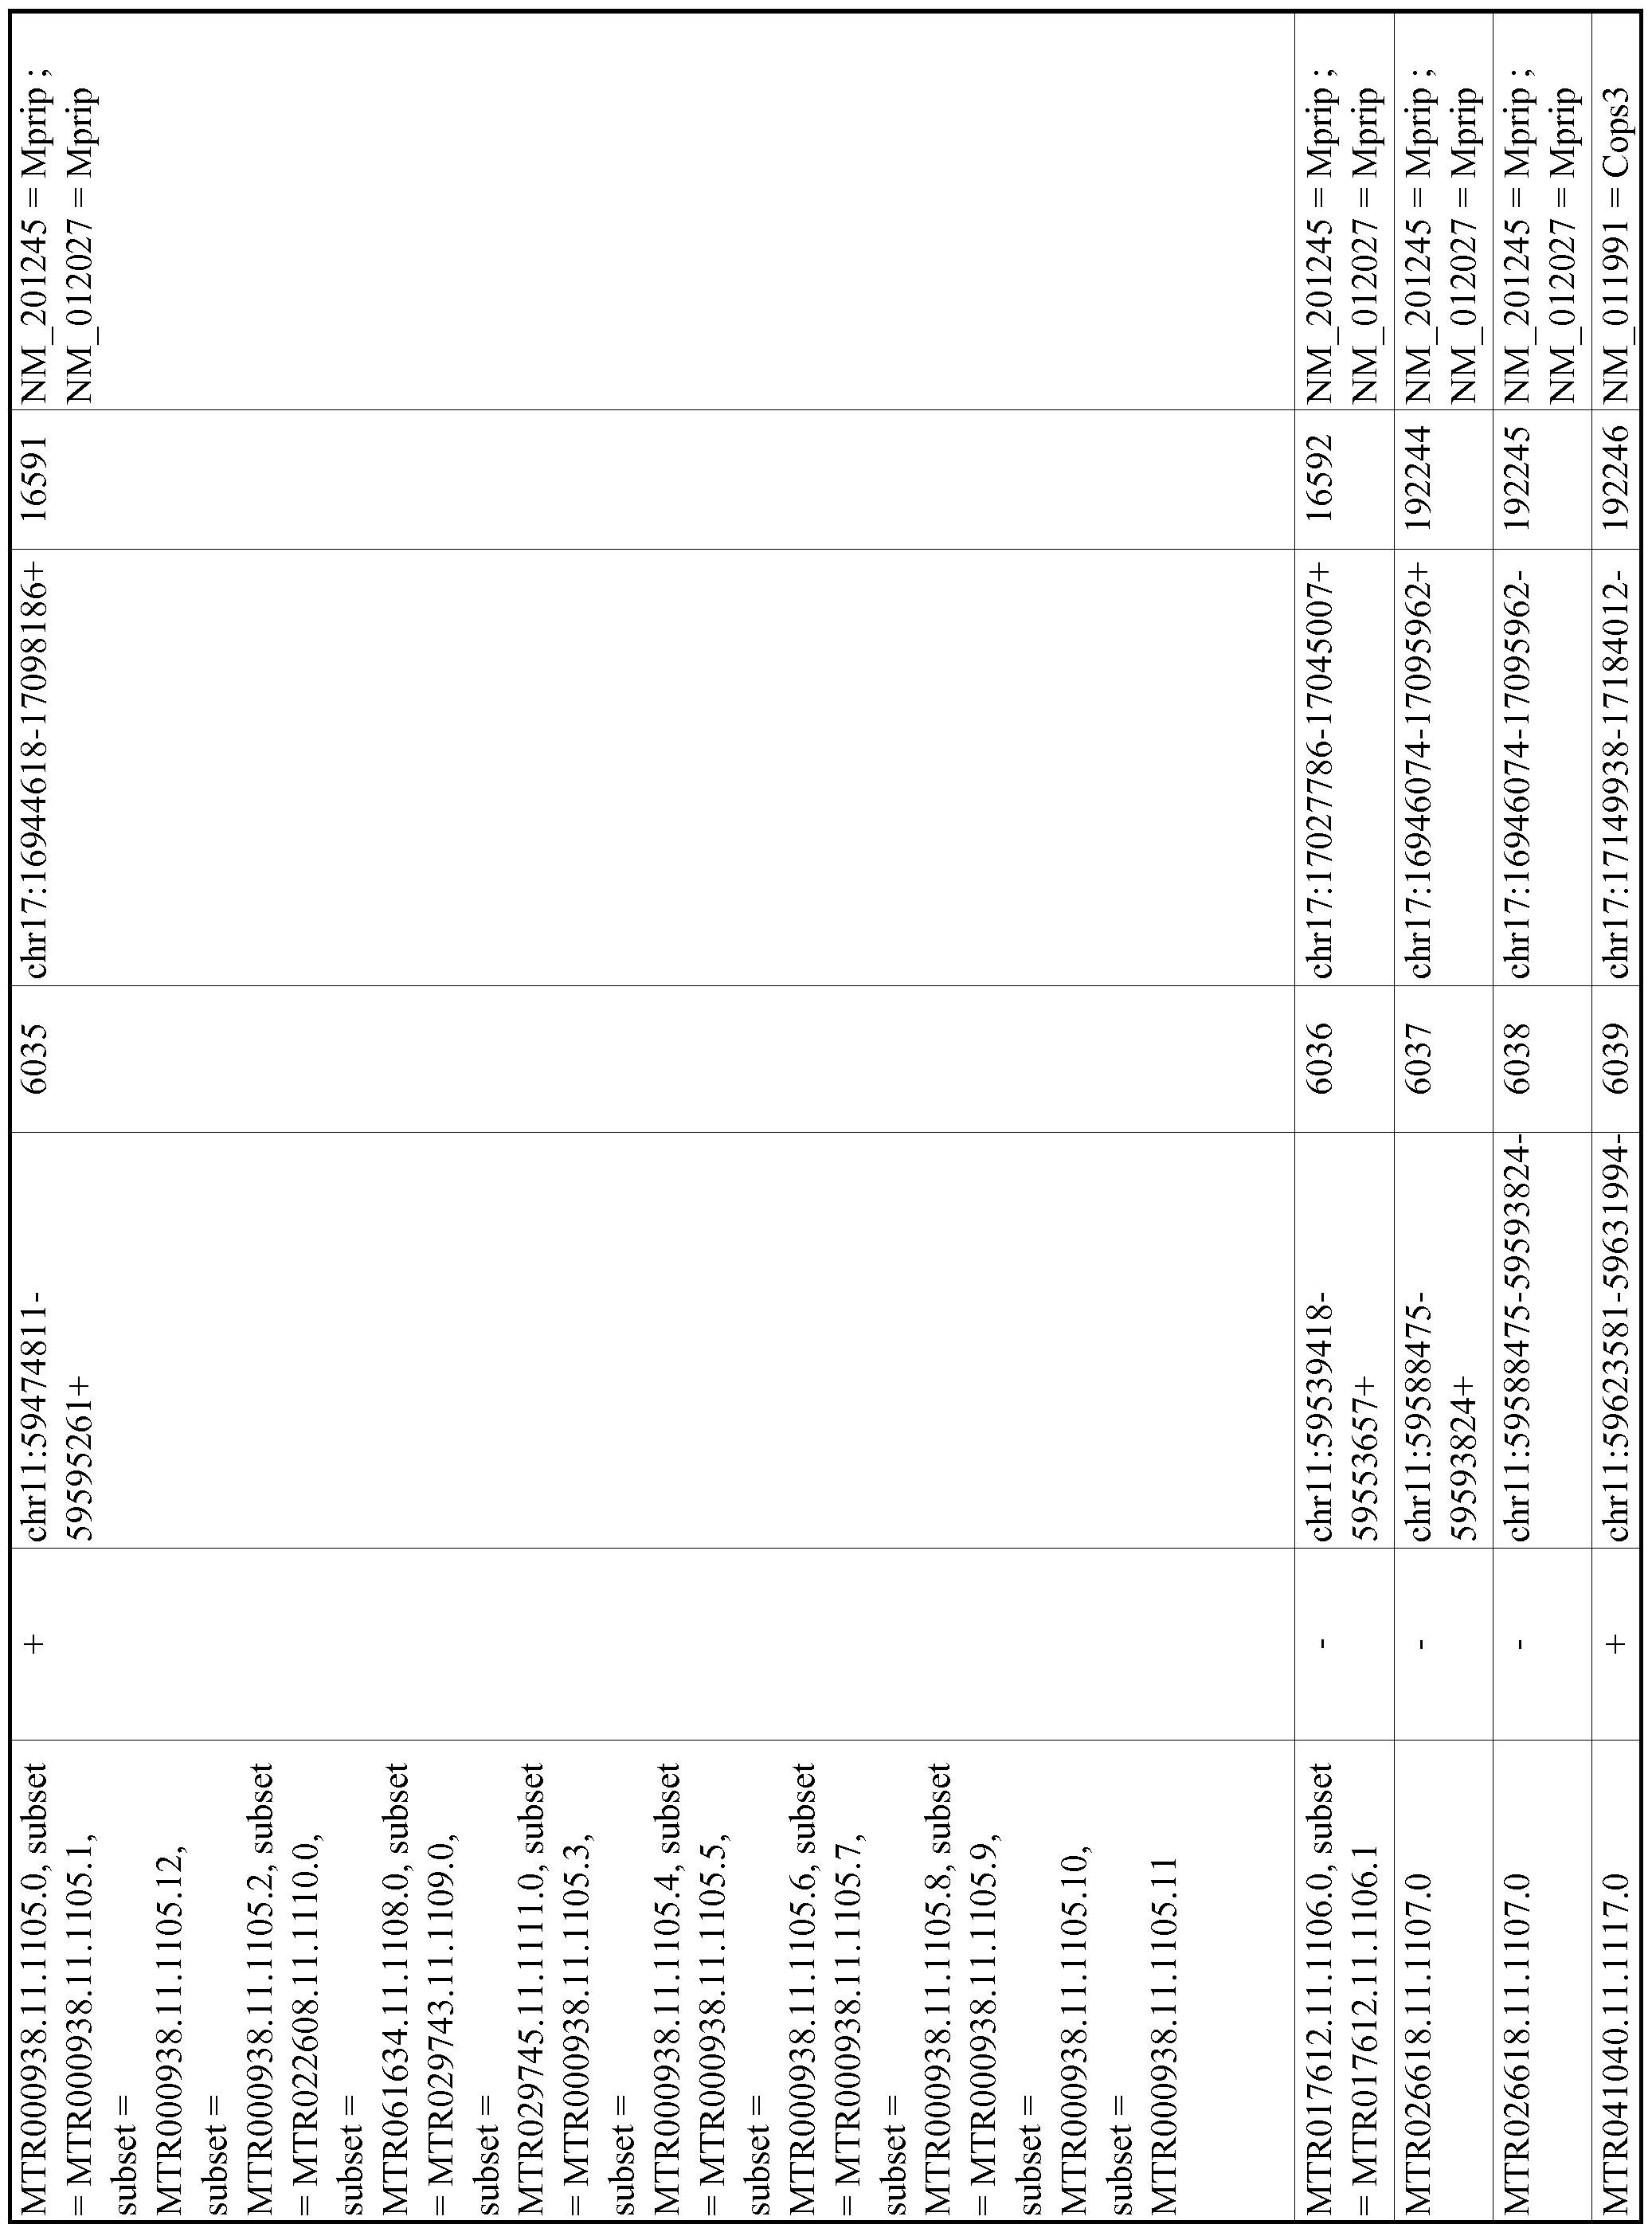 Figure imgf001087_0001